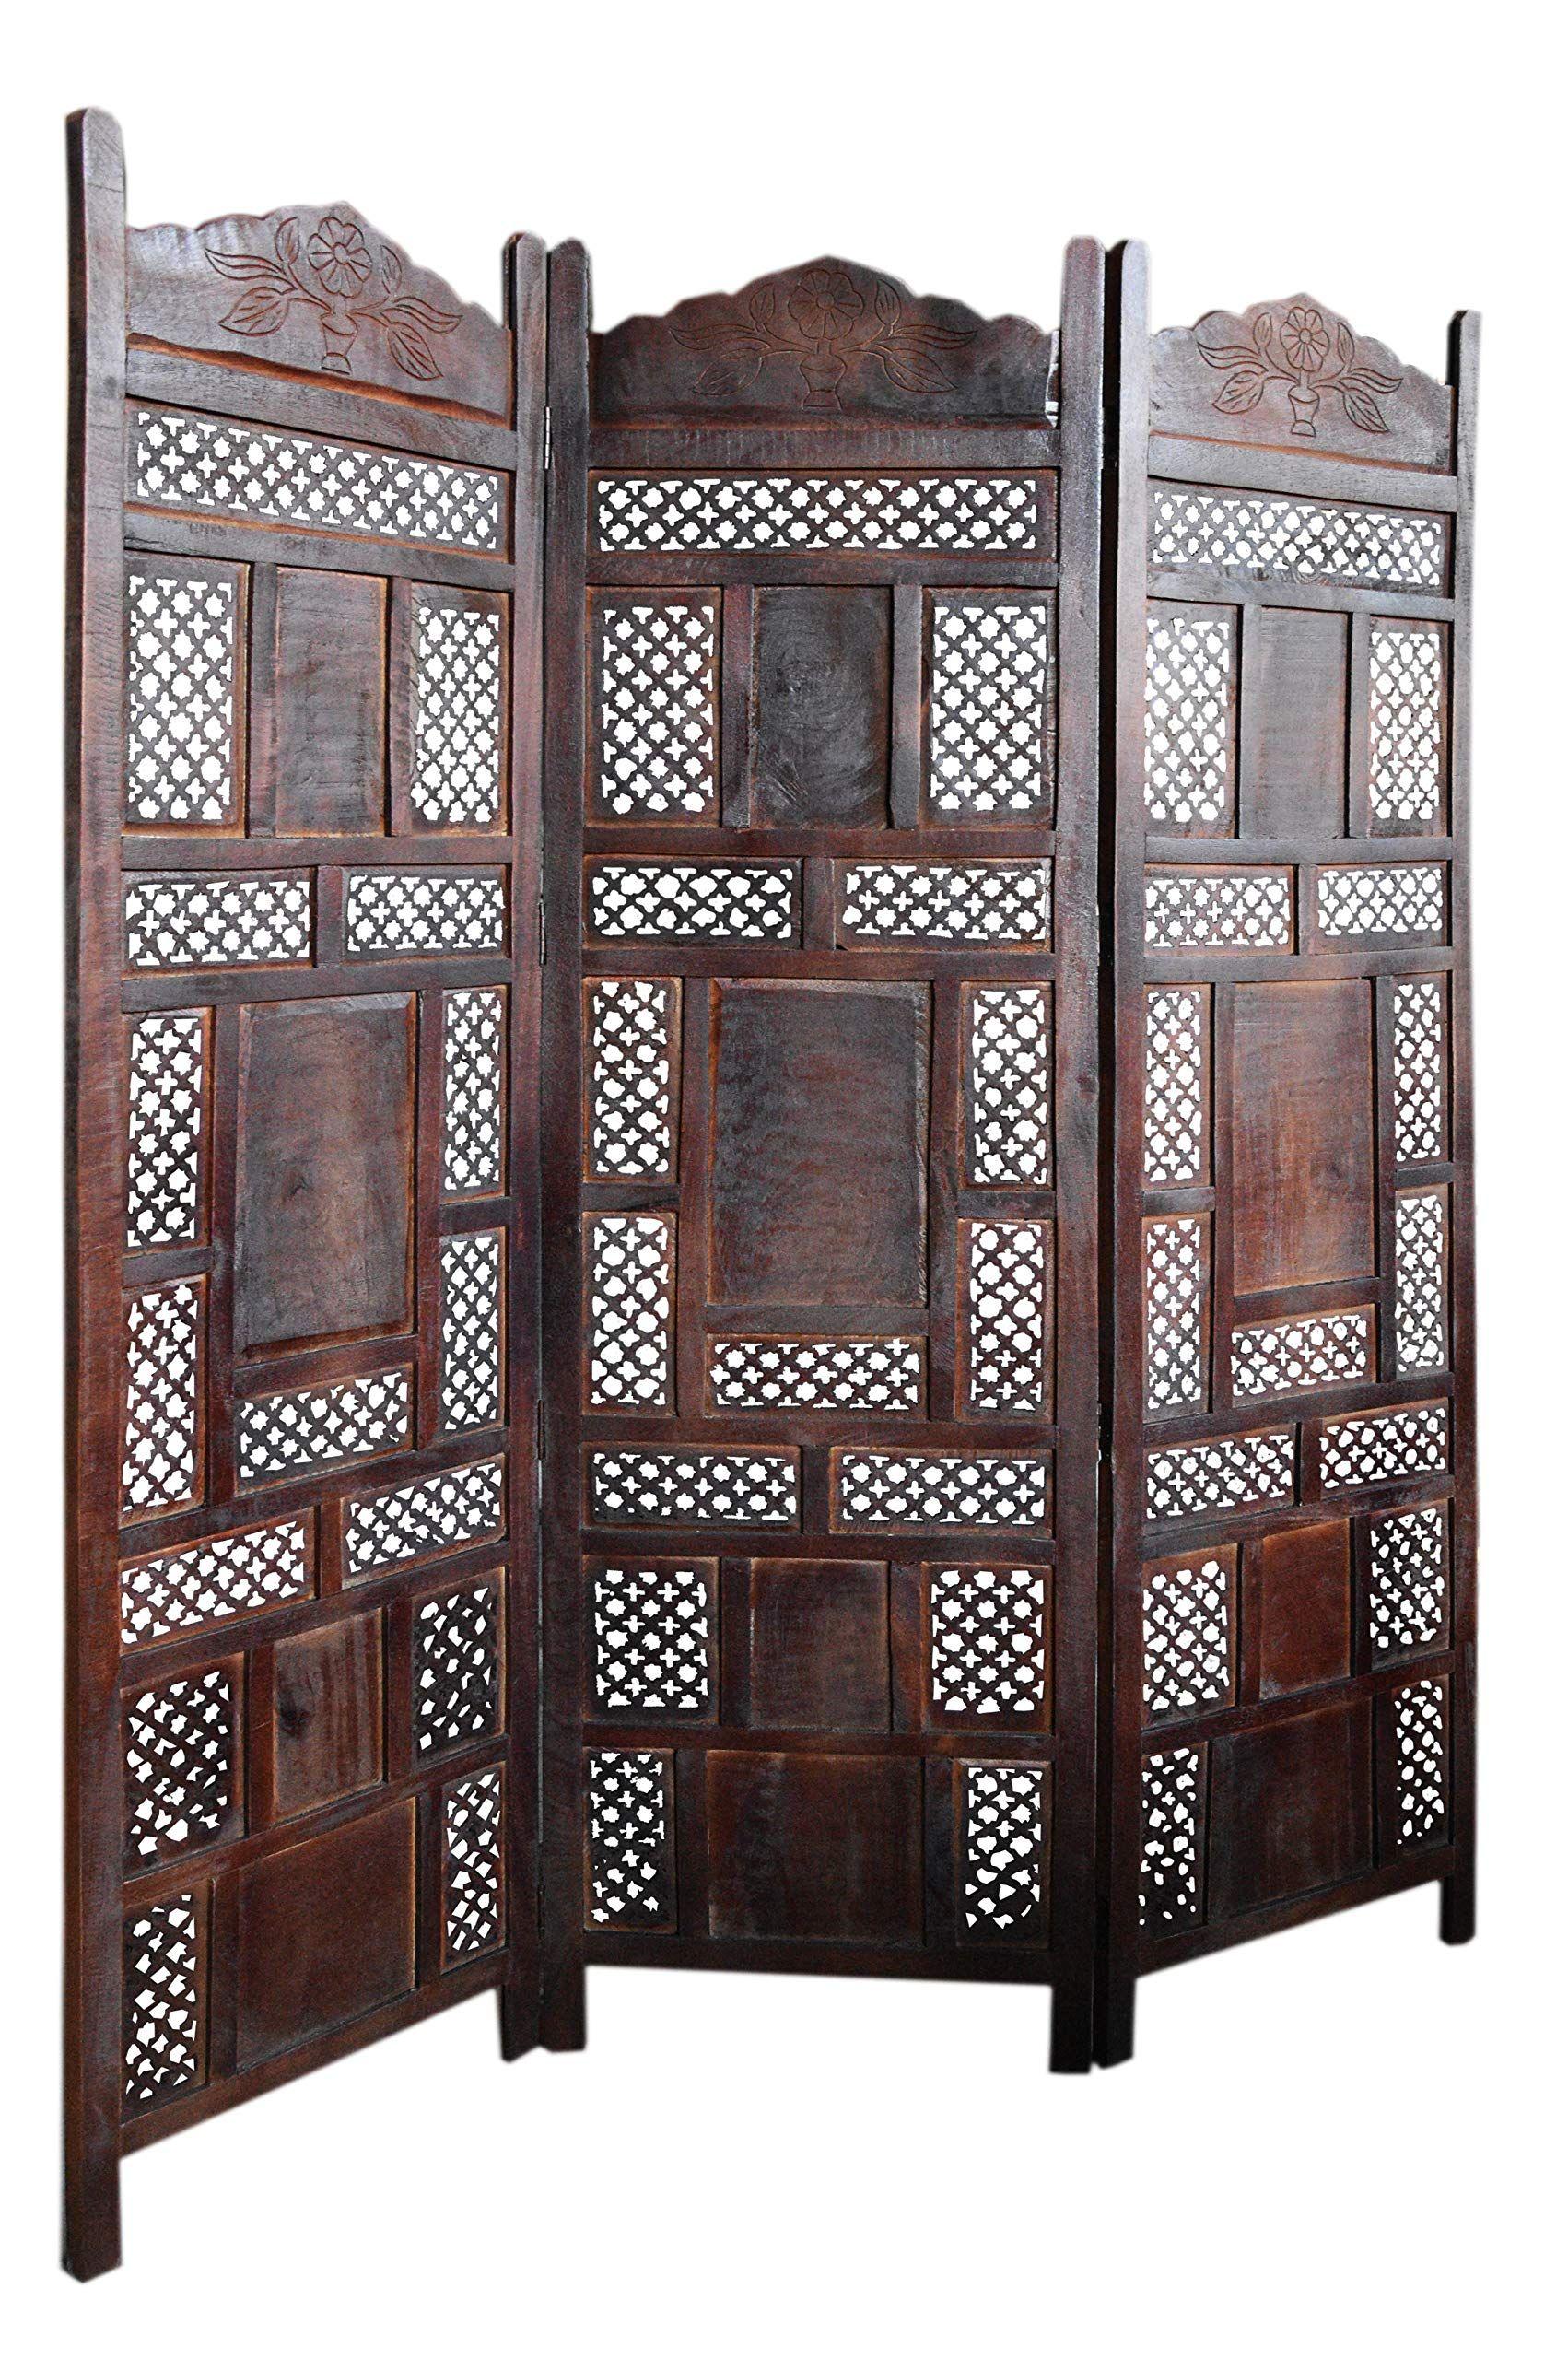 Orientalischer Paravent Raumteiler Aus Holz Ishara 150 X 181cm Hoch In Braun Indischer Trennwand Als Raumtrenner Oder Dekoratio In 2020 Decor Room Divider Home Decor